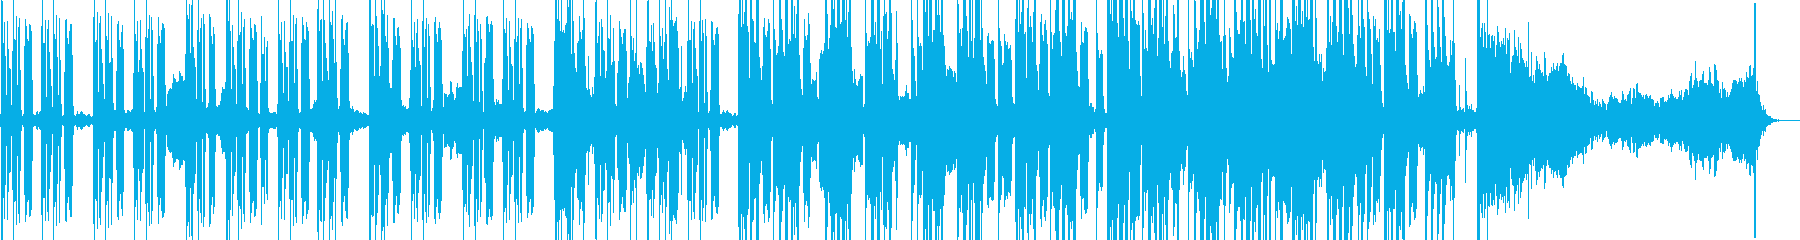 実験的な ドラマチック ゆっくり ...の再生済みの波形